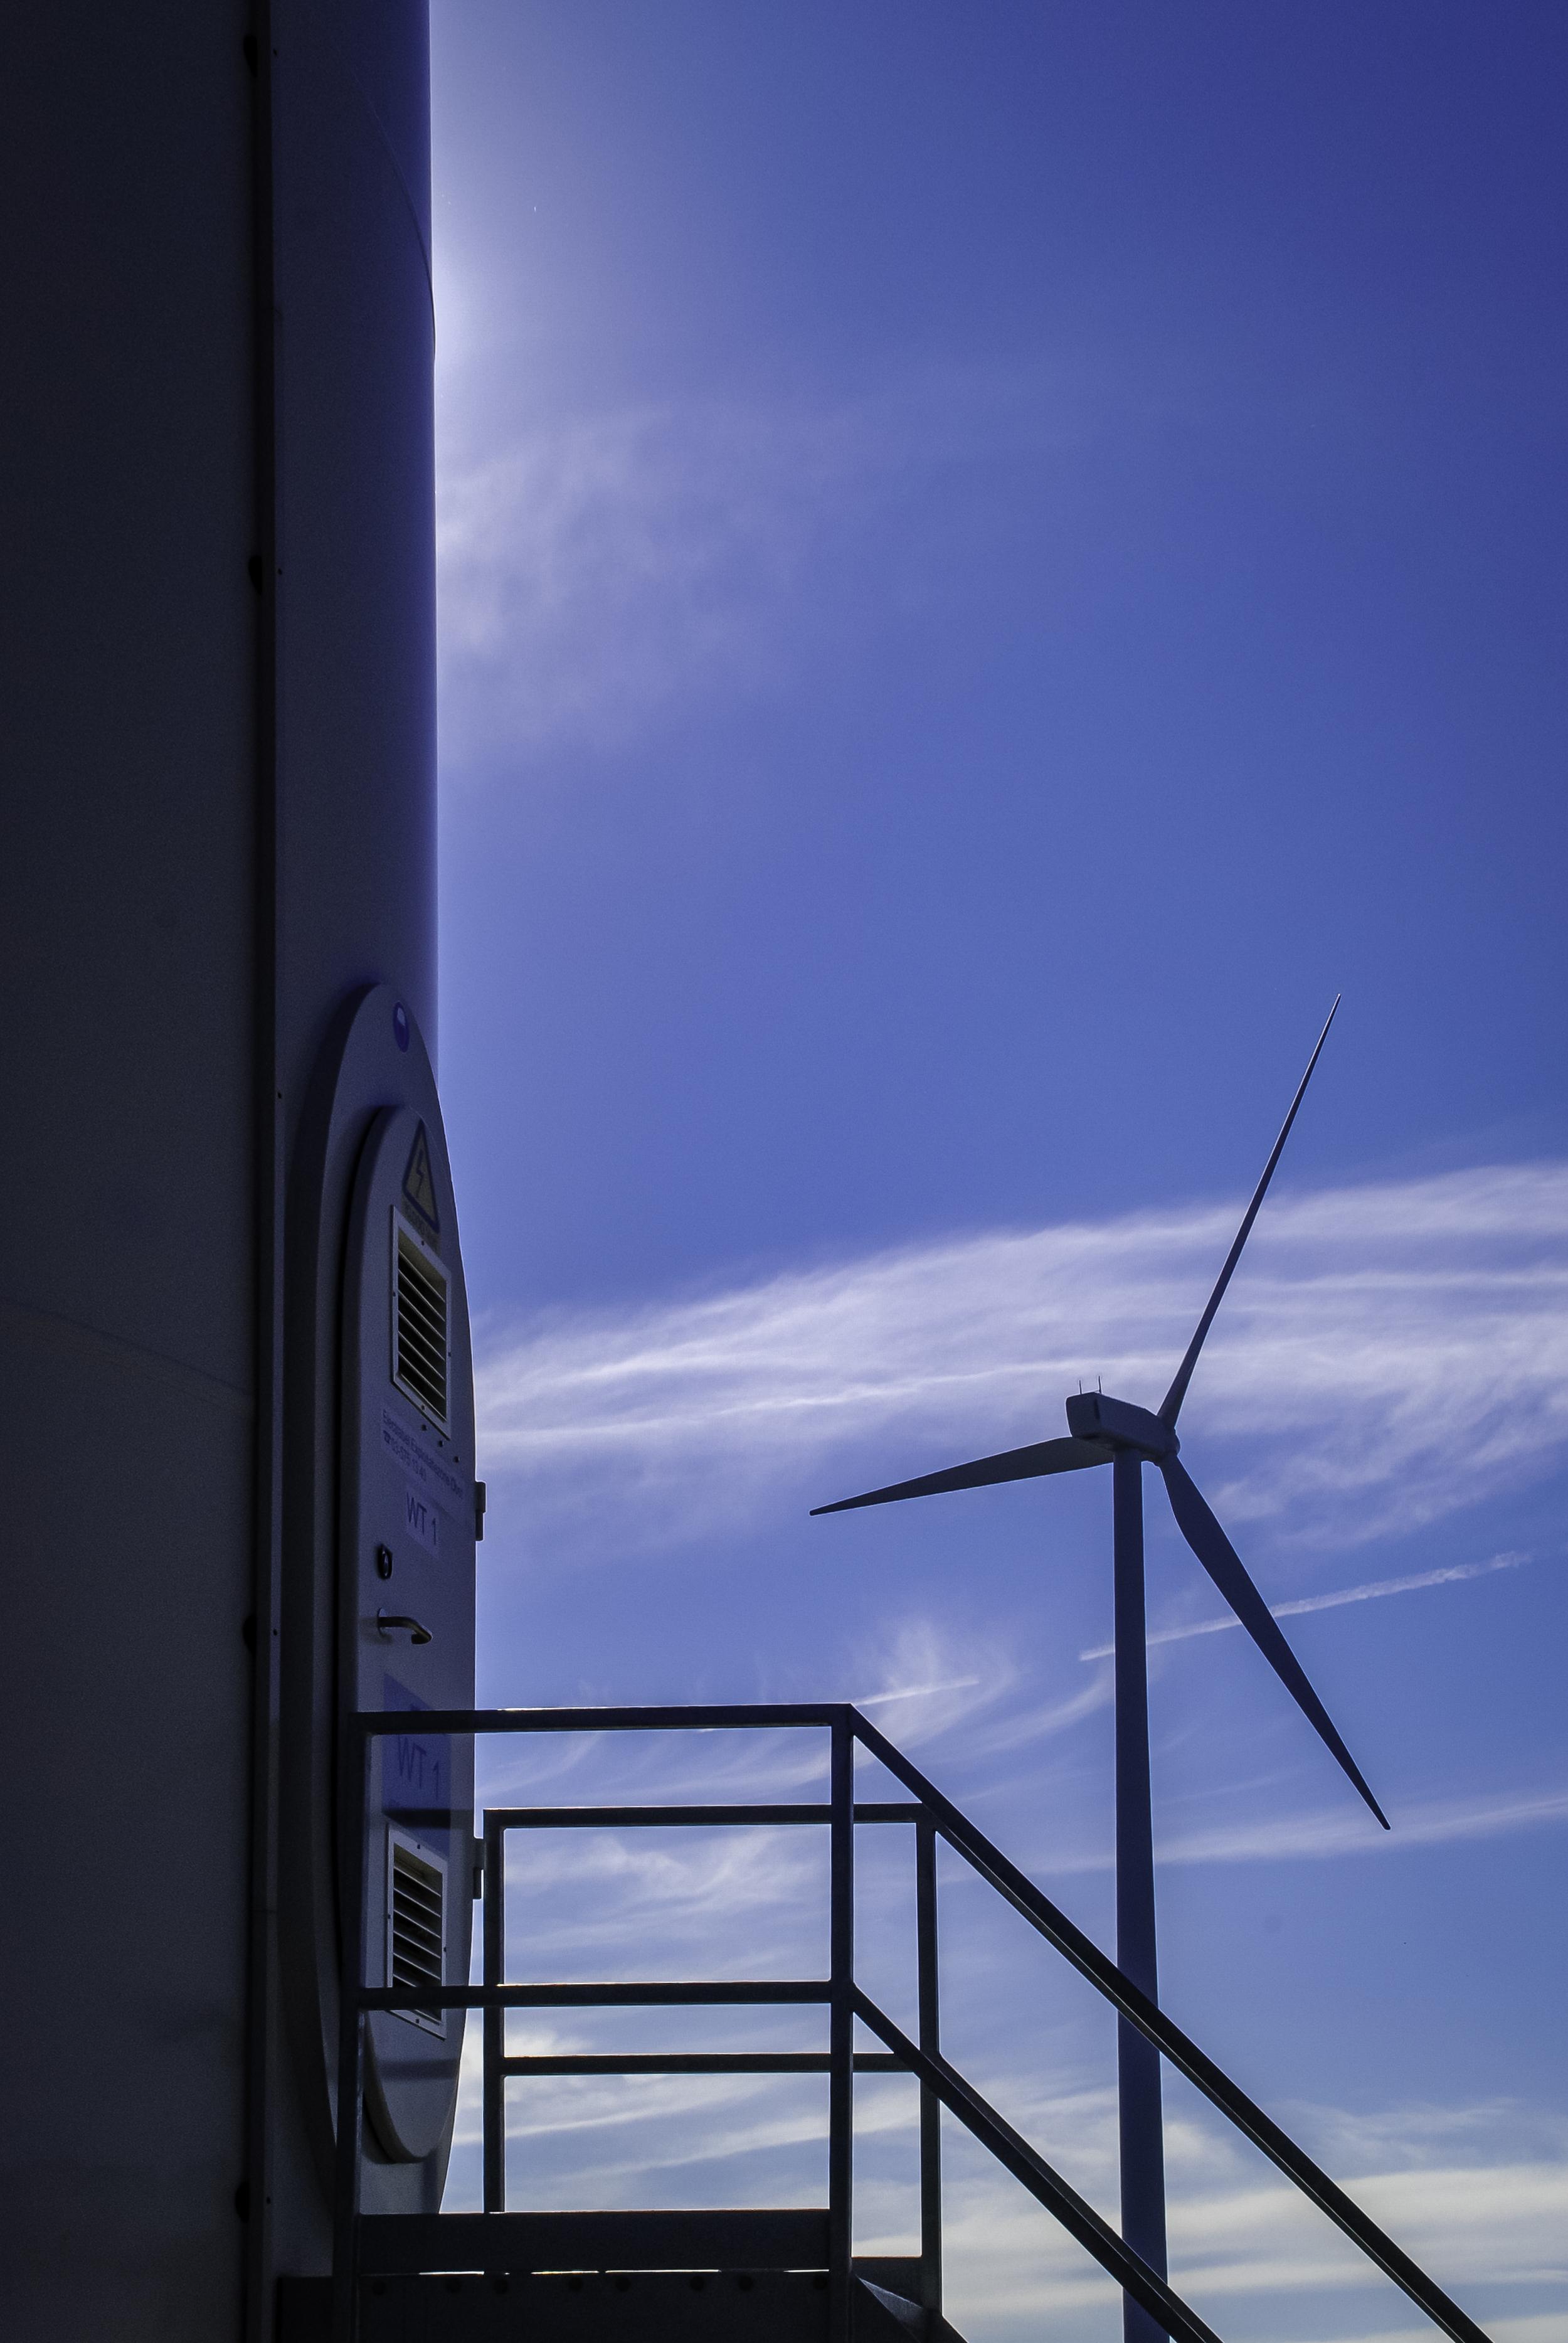 Viewfinder-windturbine-fotograferen-eigenzinnige-fotografie-12